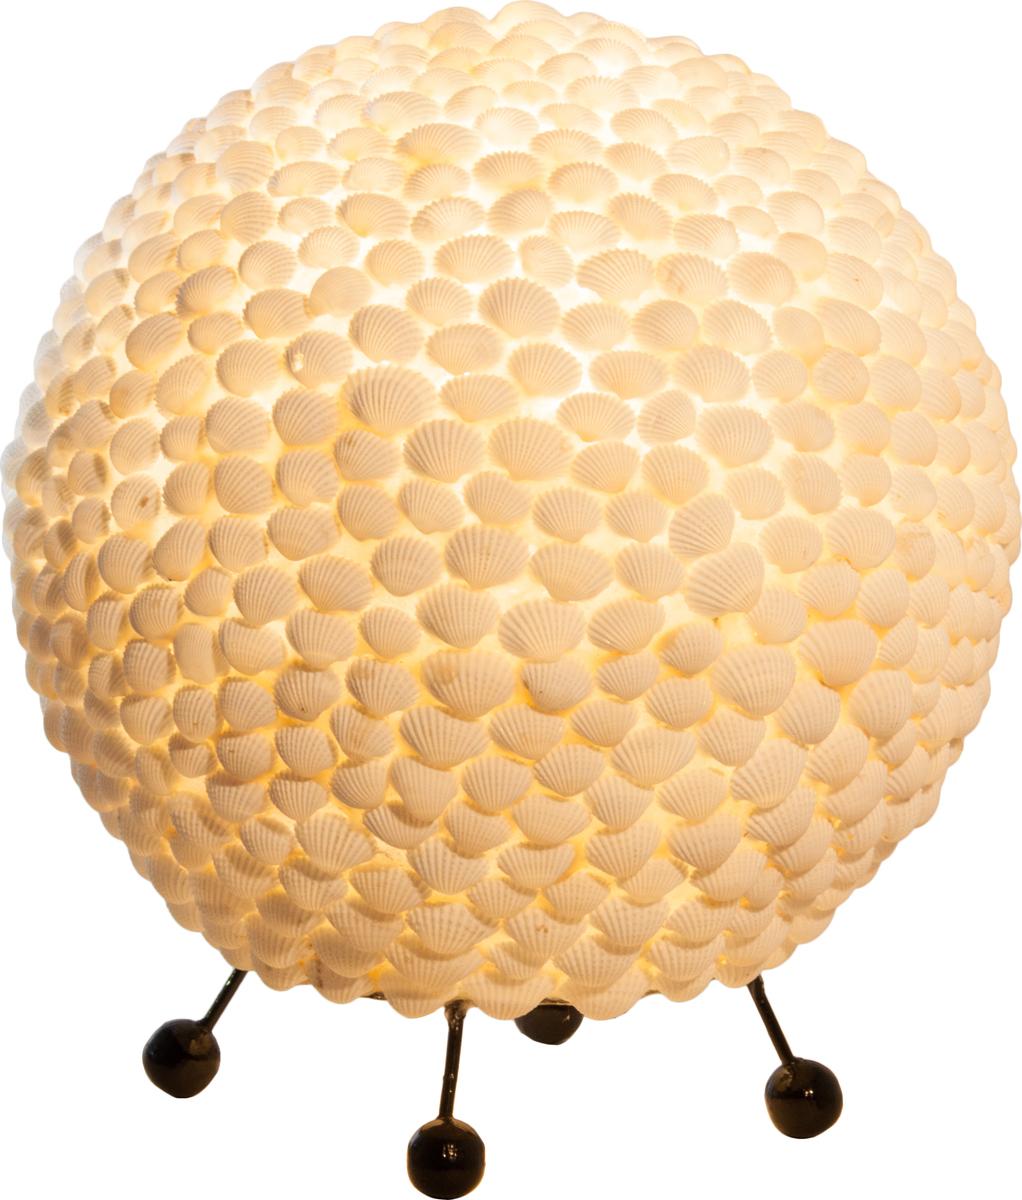 цена на Настольный светильник Globo, E27, 60 Вт